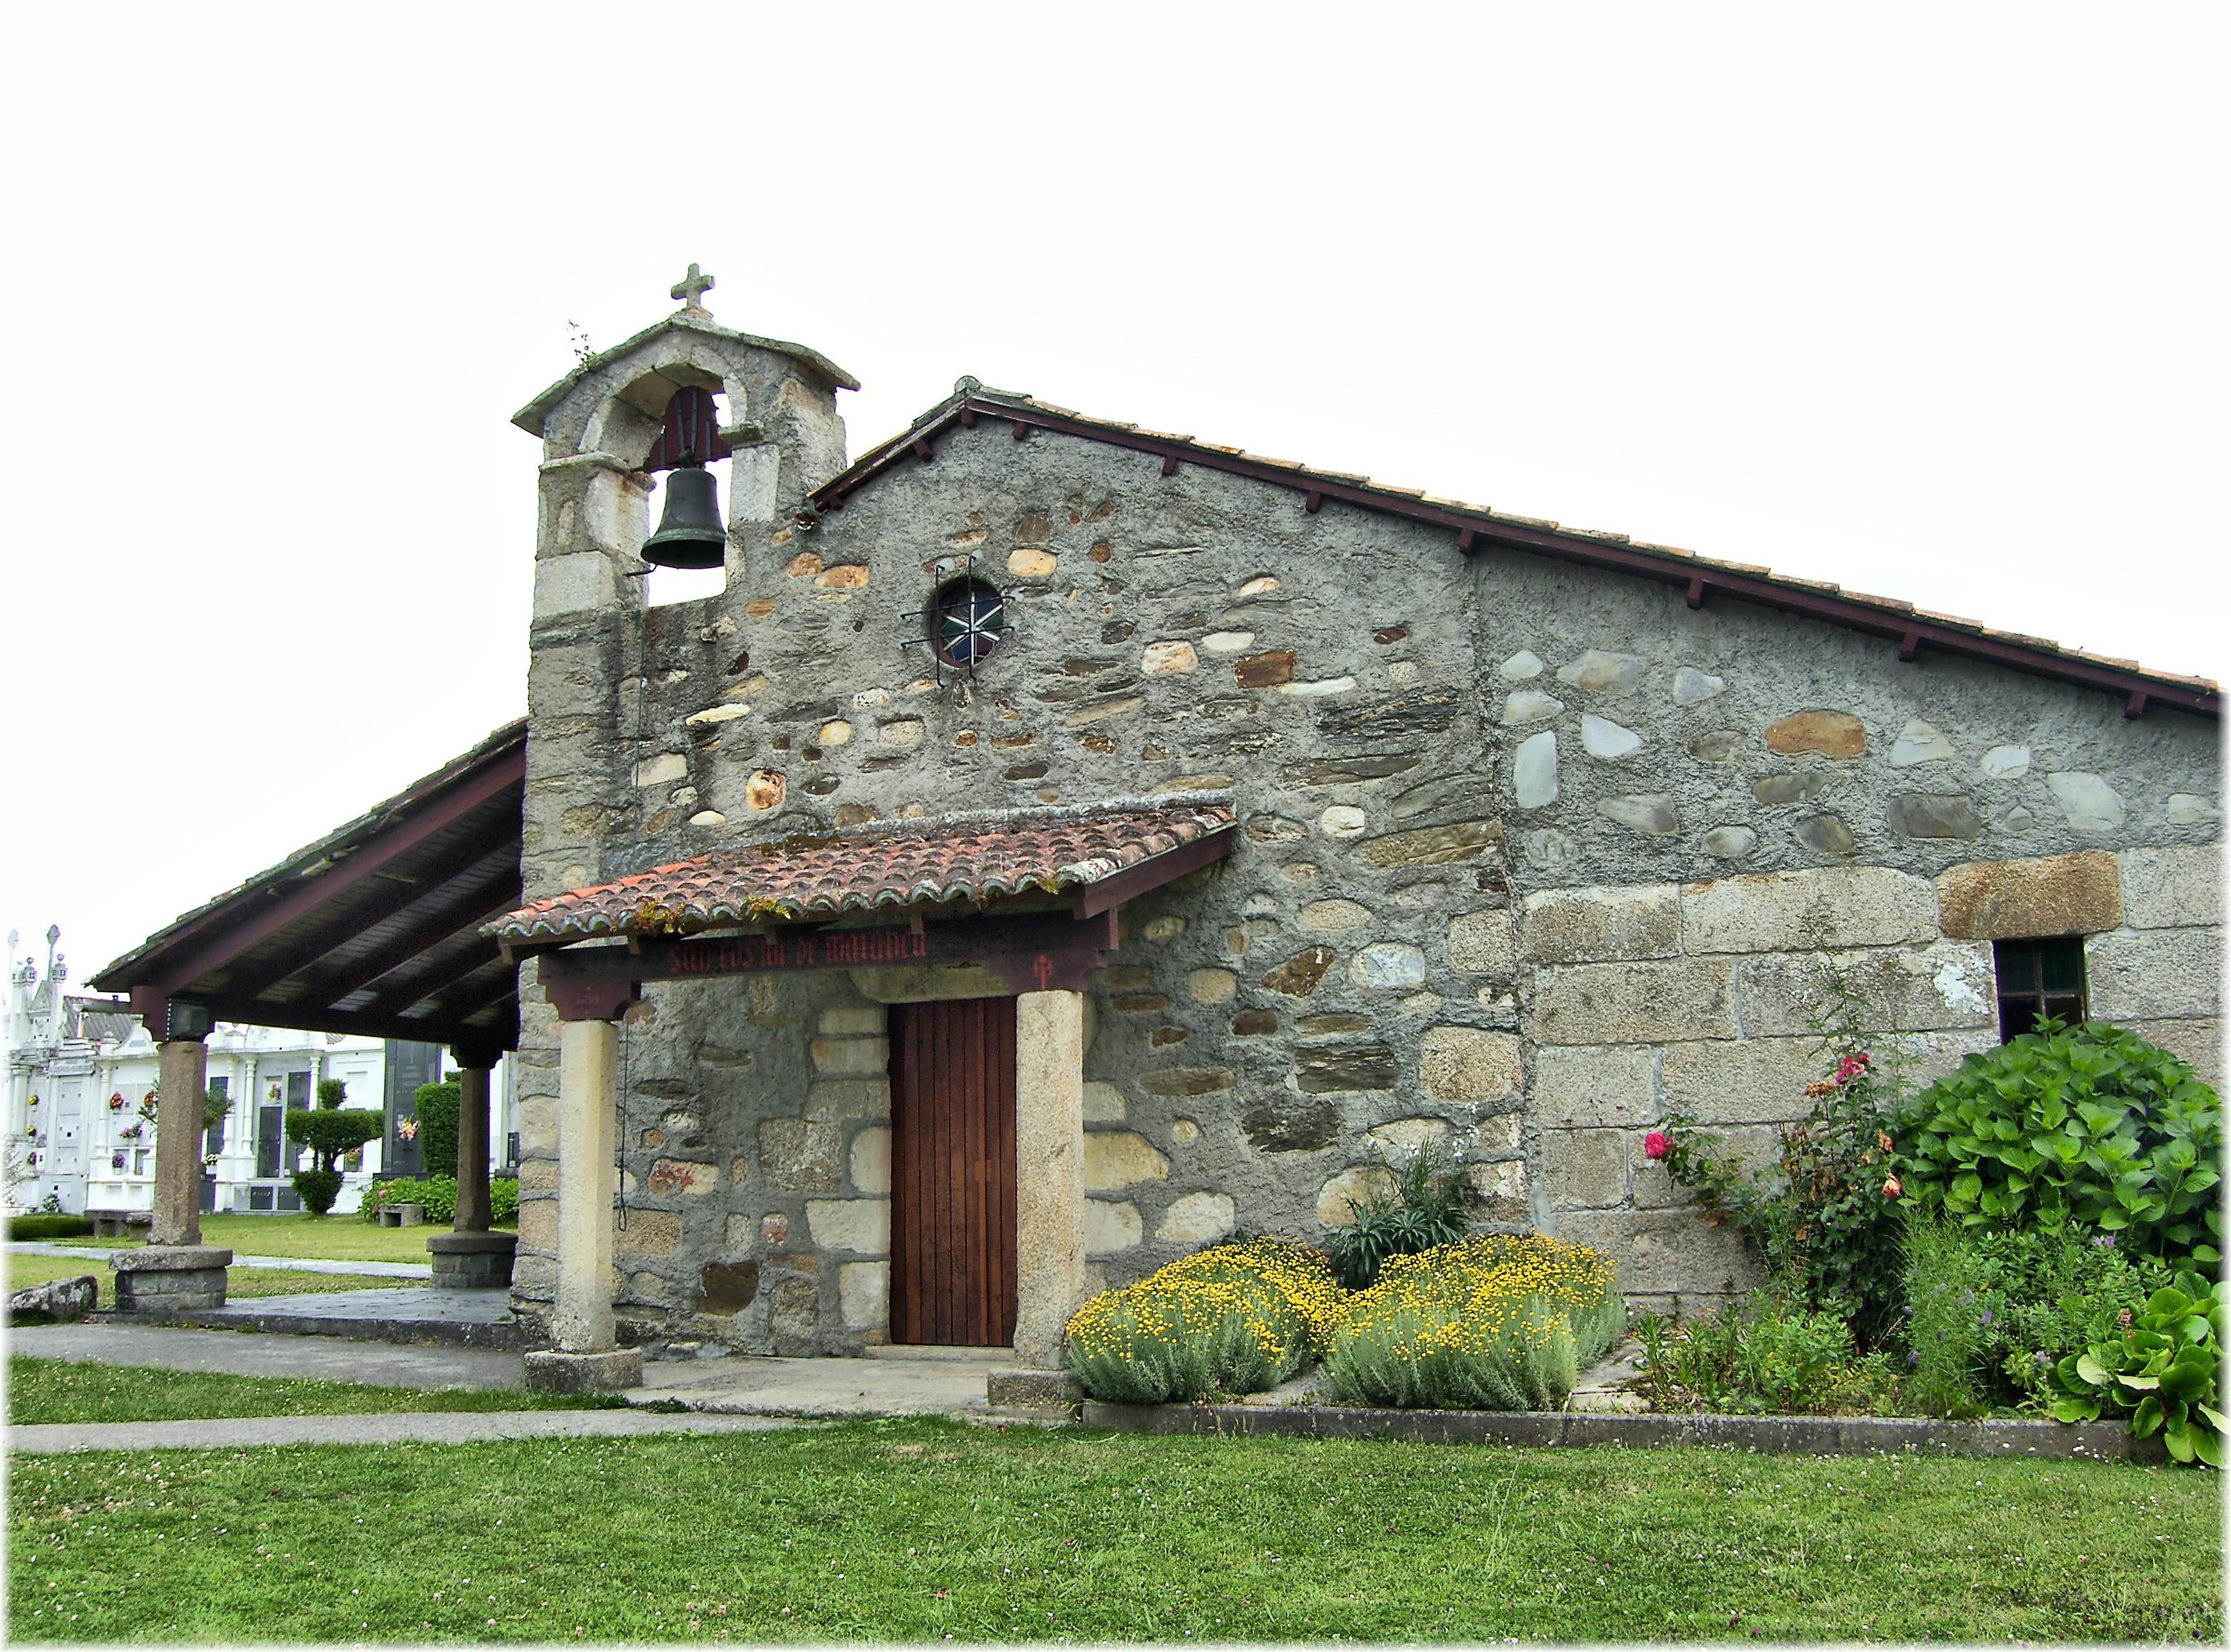 Fotos gratis edificio granero pueblo caba a fachada - Casas gratis en pueblos de espana ...